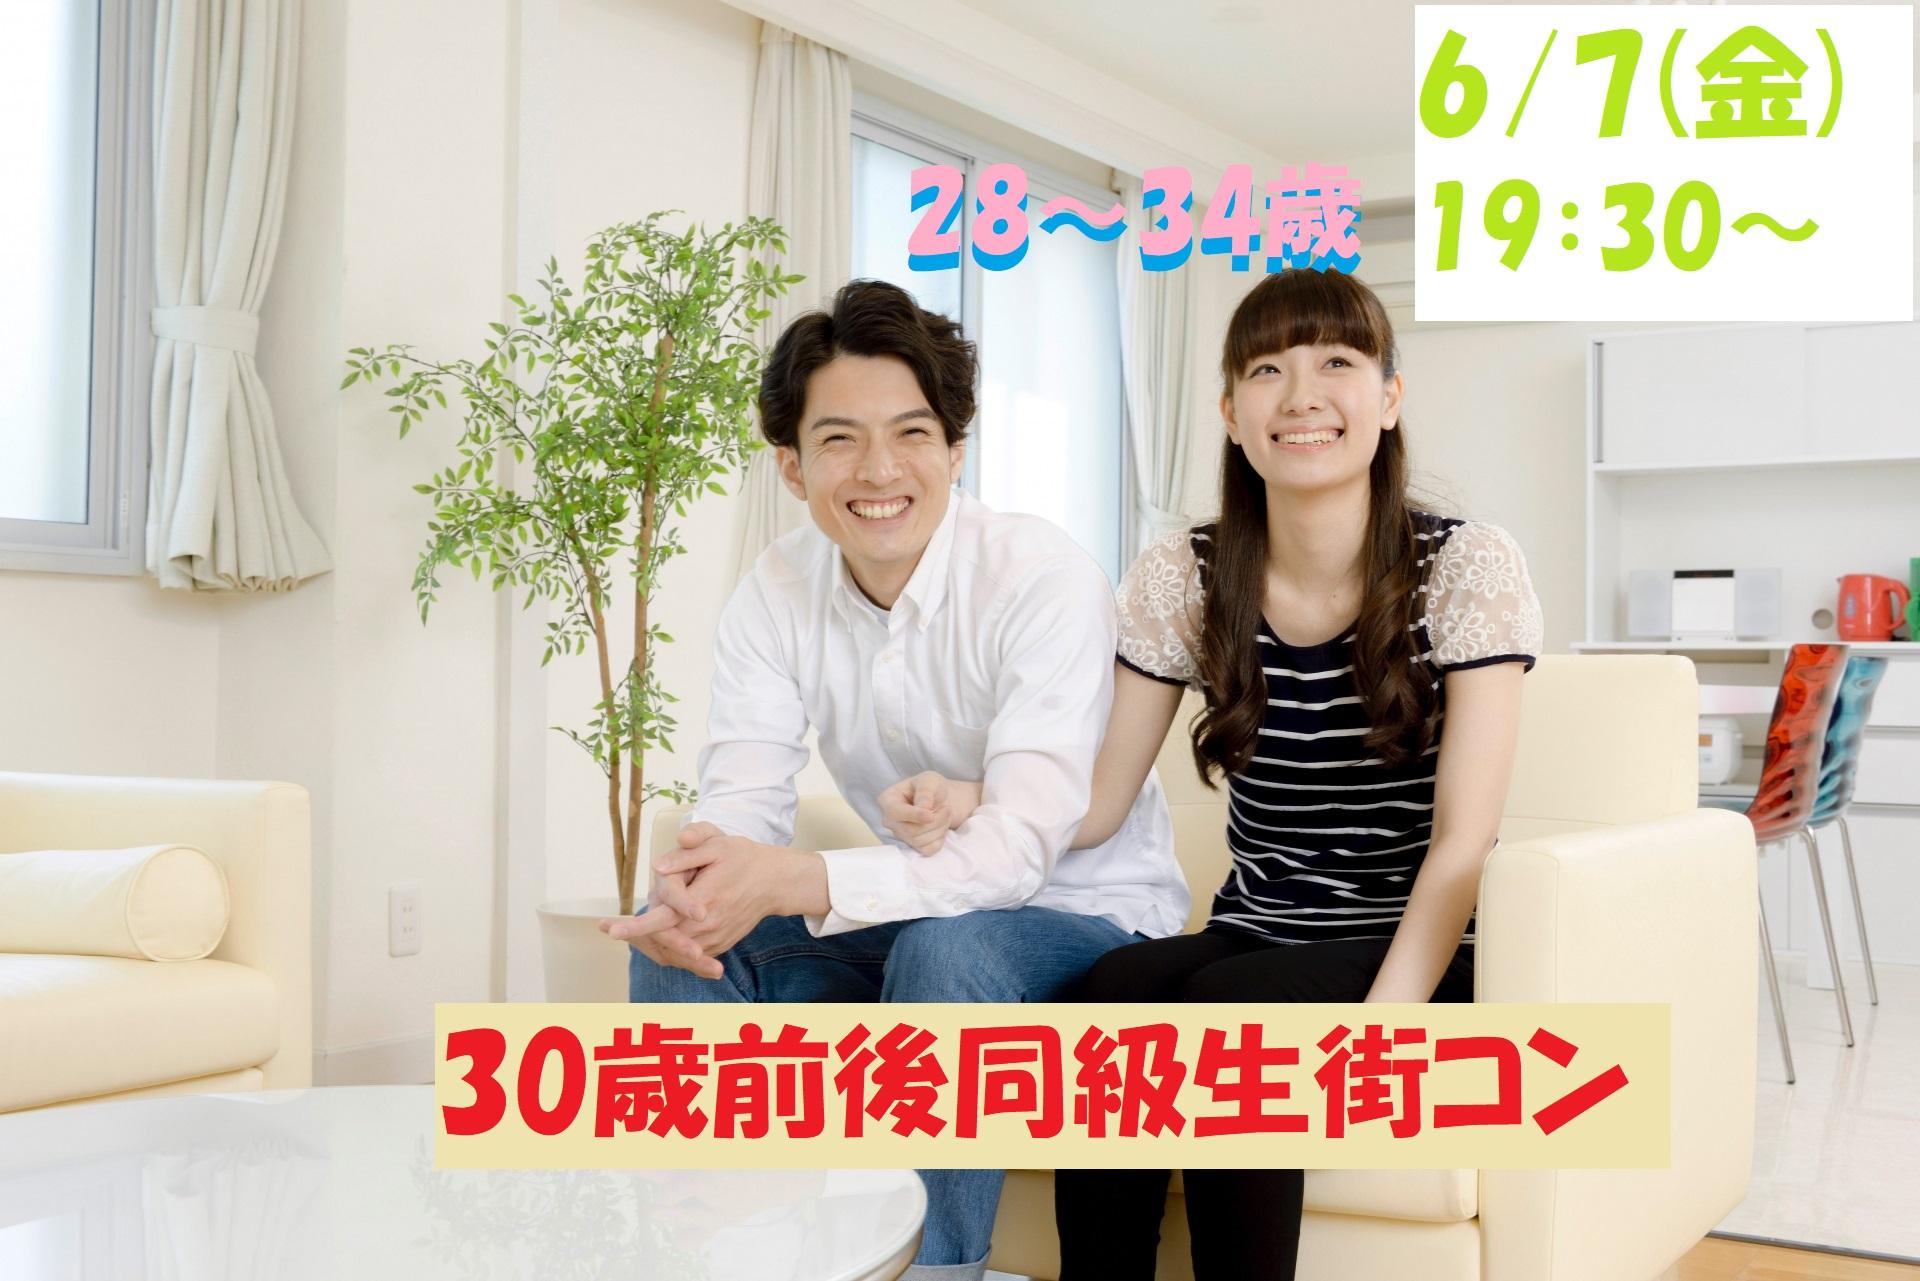 【終了】6月7日(金)19時30分~【28~34歳】まずは友達から!30歳前後同級生街コン!